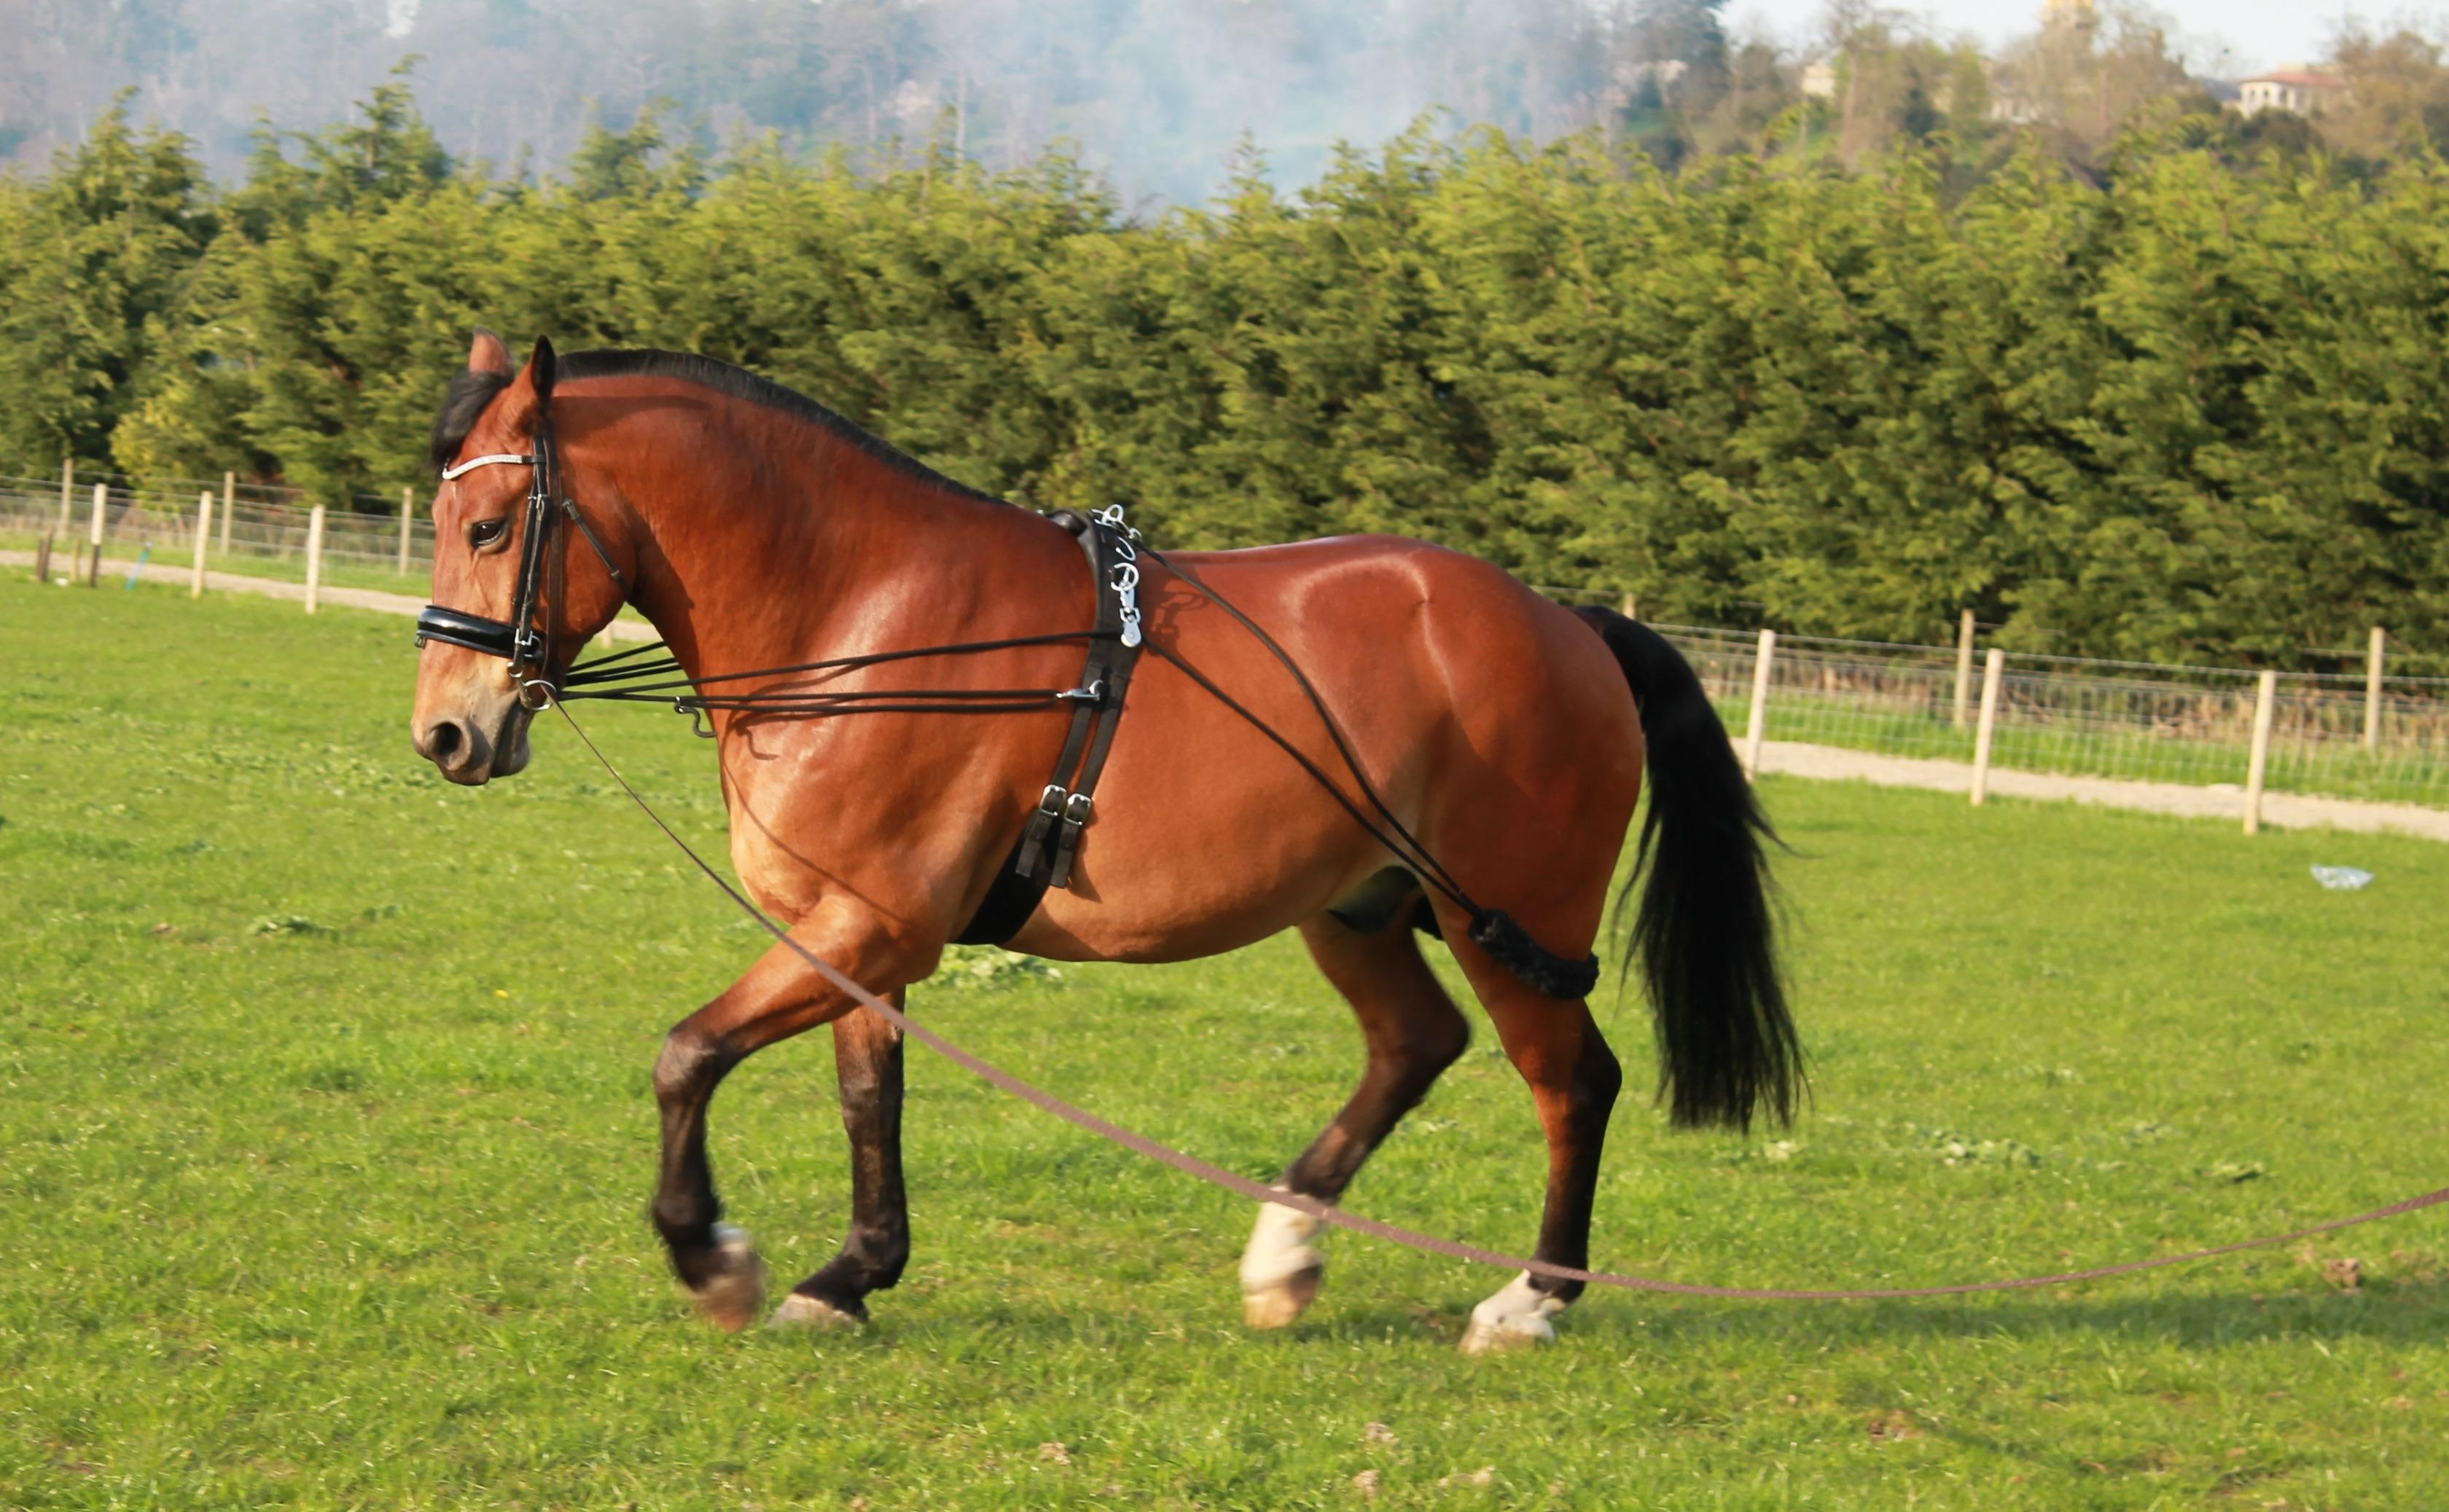 Allure Breakthrough - Parelli Horse Training |Horse Training